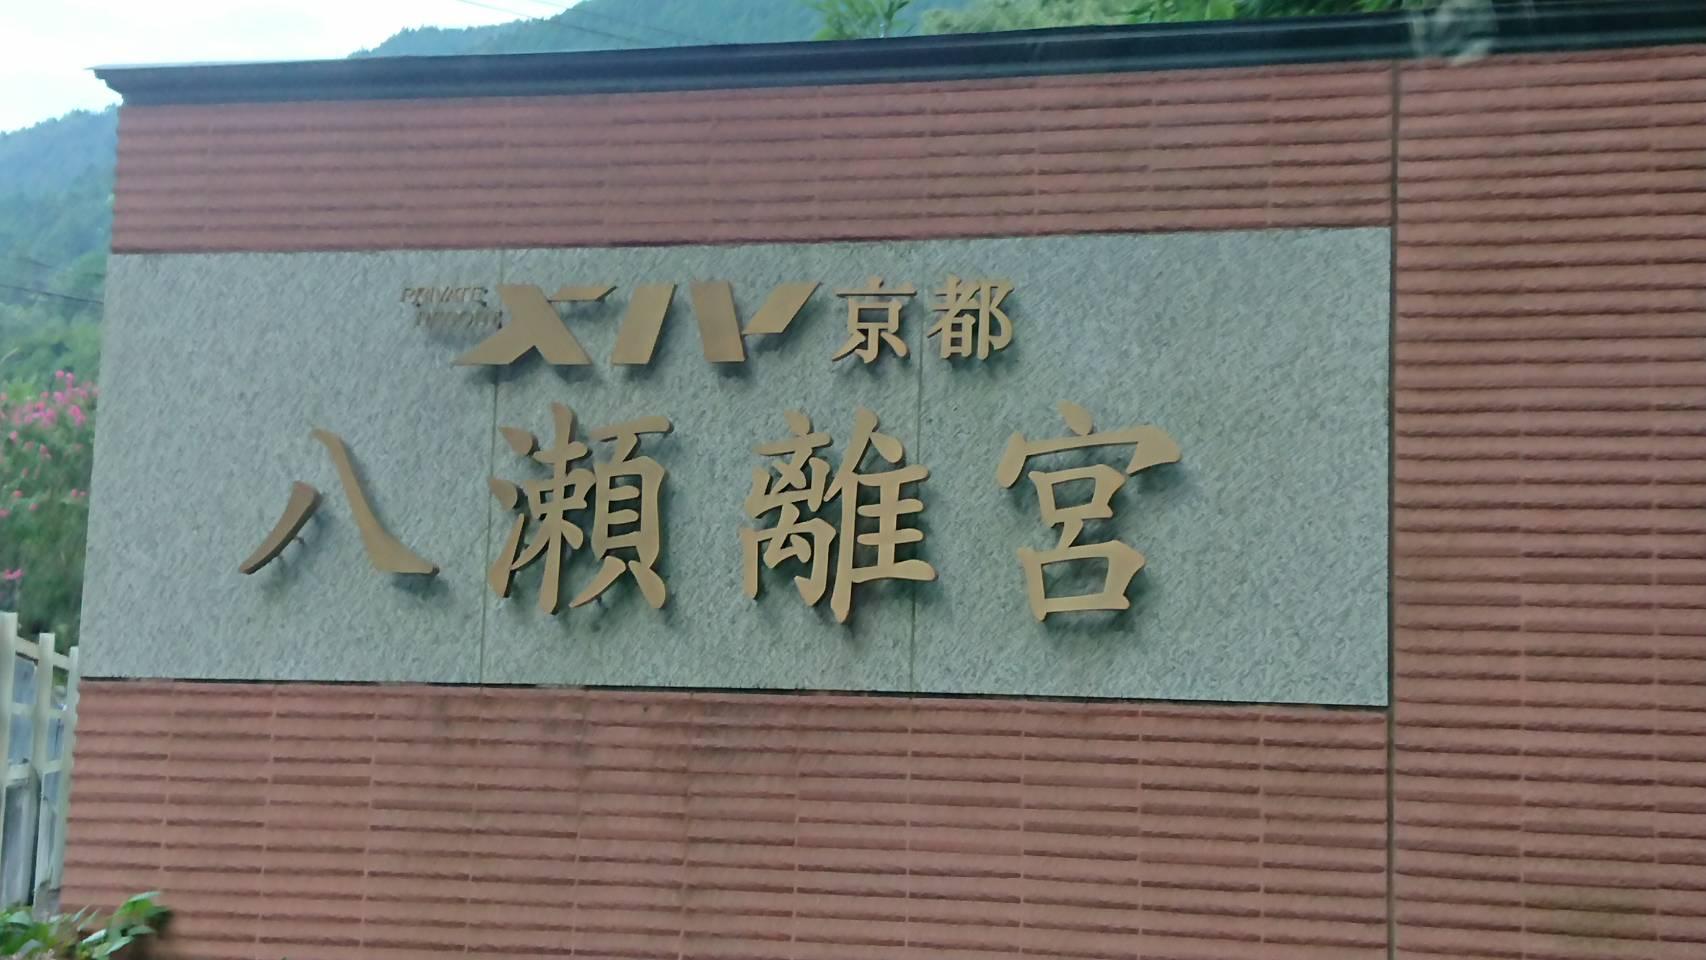 エクシブ京都八瀬離宮(京都市)